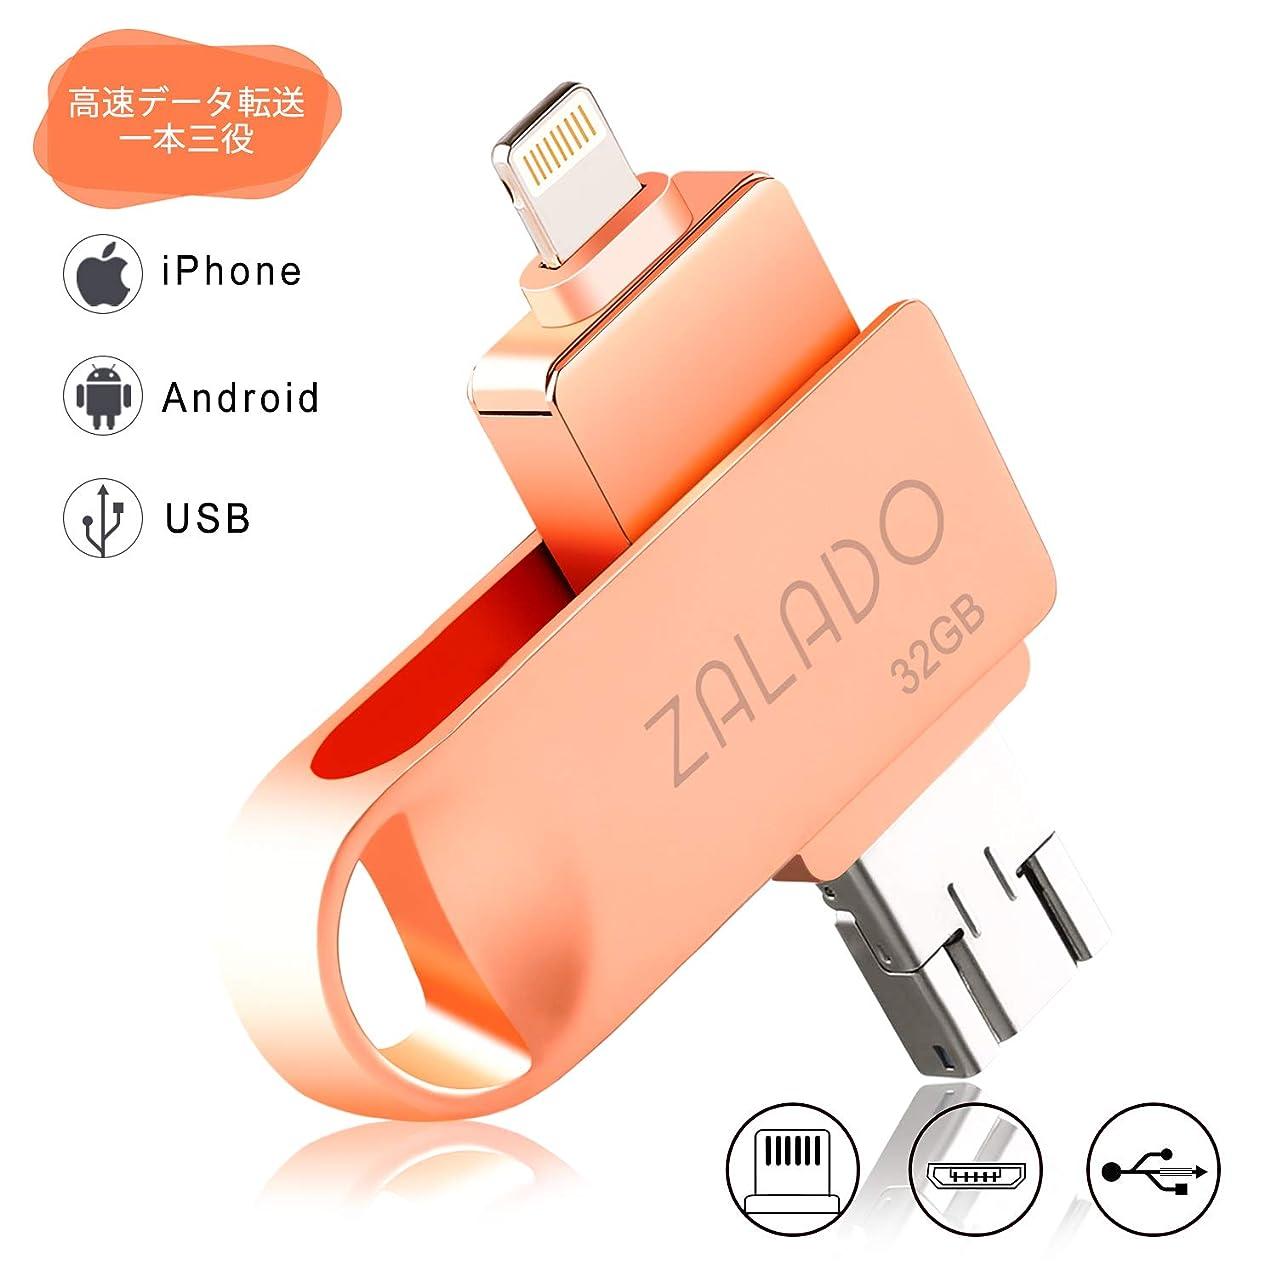 ブラジャー騒怠惰USBメモリ 32GB ZALADO iPhone 32gb フラッシュドライブ 回転式 フラッシュメモリ 高速データ転送 IOS/Android/PC対応 スマホ 容量不足解消 一本三役 日本語取扱説明書付き(ローズゴール 32GB)